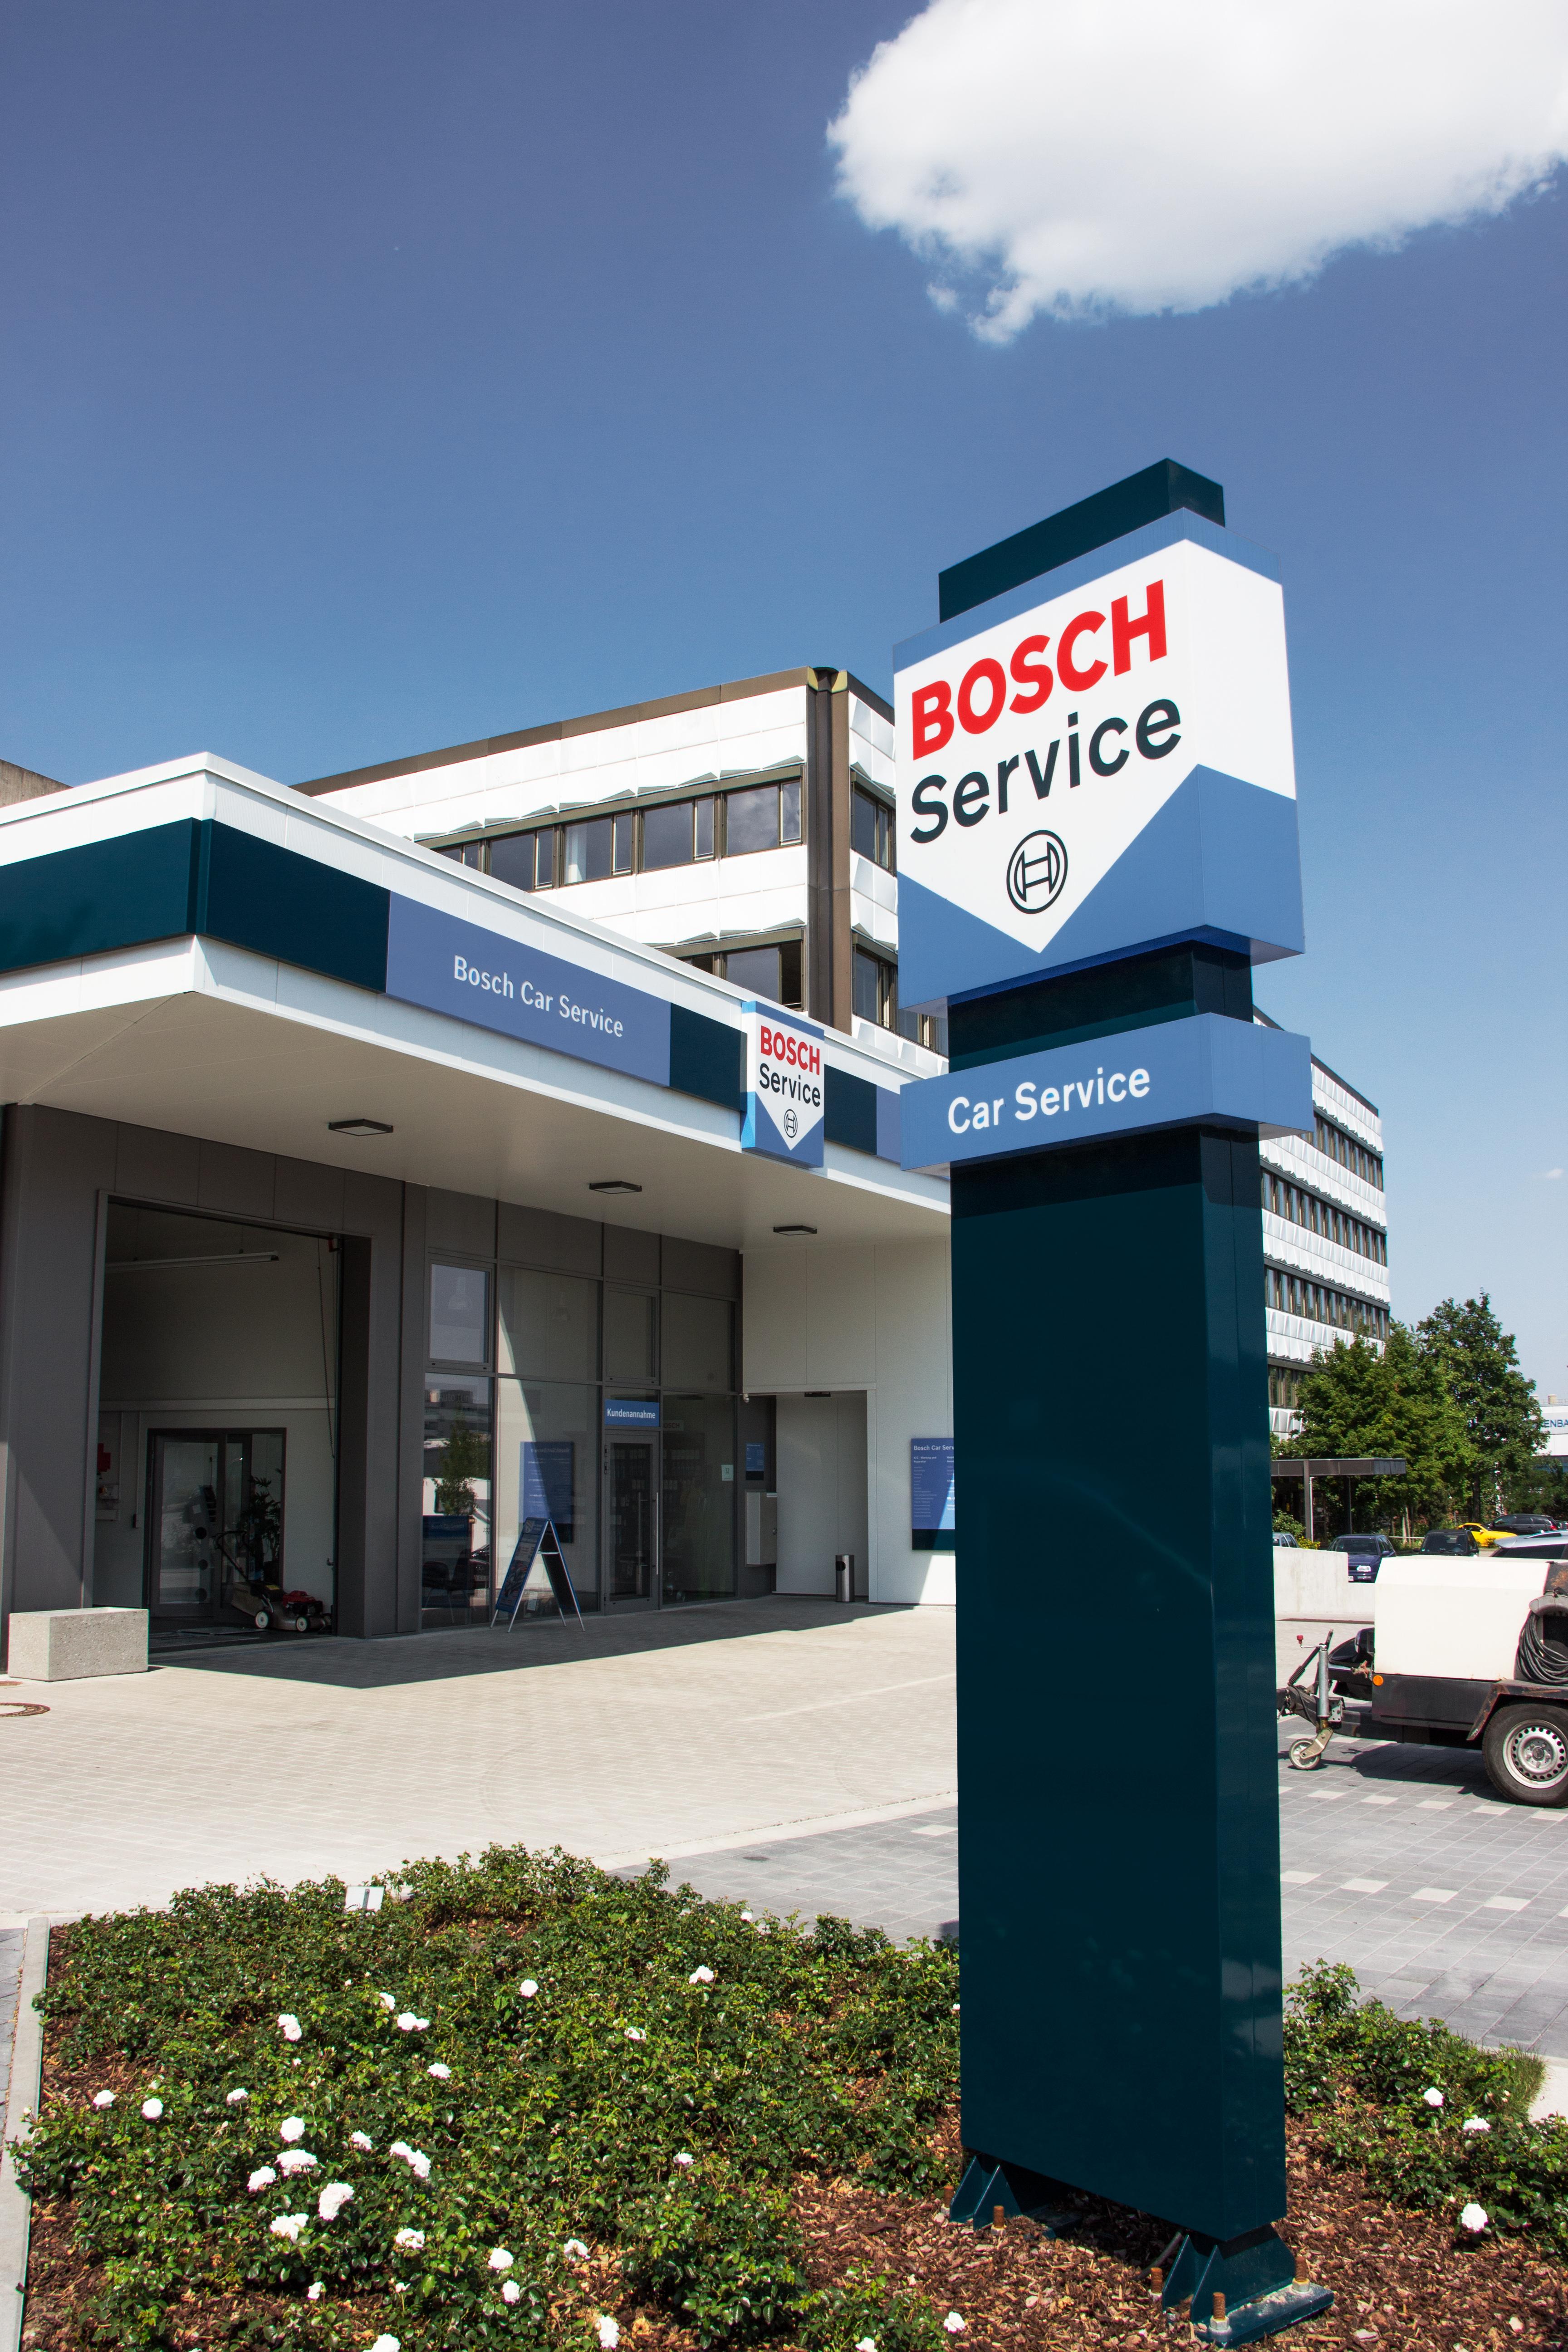 Heute ist Bosch Car Service das weltweit größte markenunabhängige Werkstatt-Netzwerk mit mehr als 15 000 Betrieben in 150 Ländern.